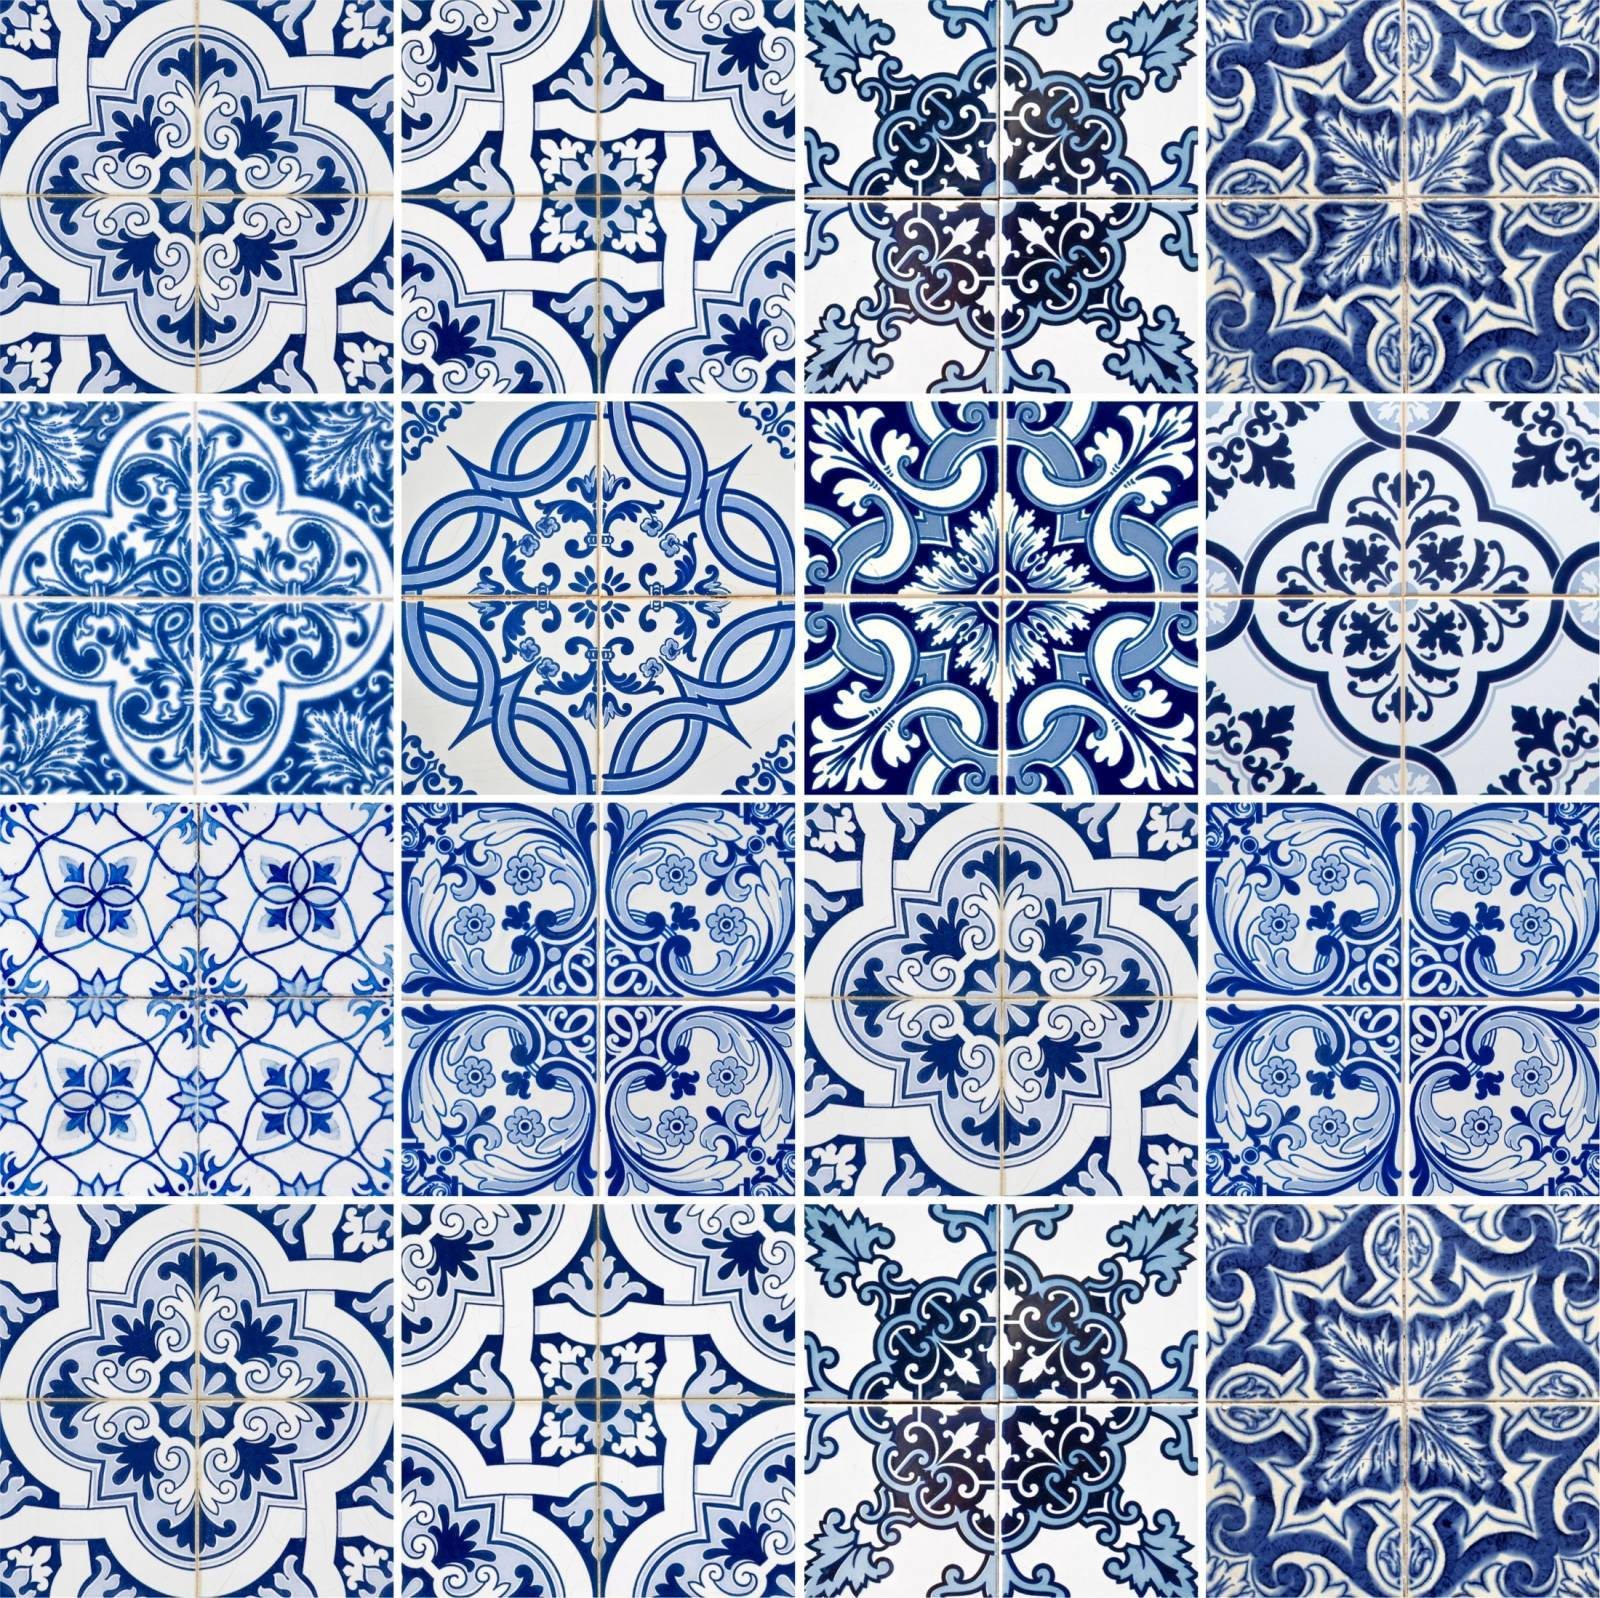 Adesivo para Azulejo Português 1 Redecorei #0A1143 1600x1598 Banheiro Azulejo Portugues